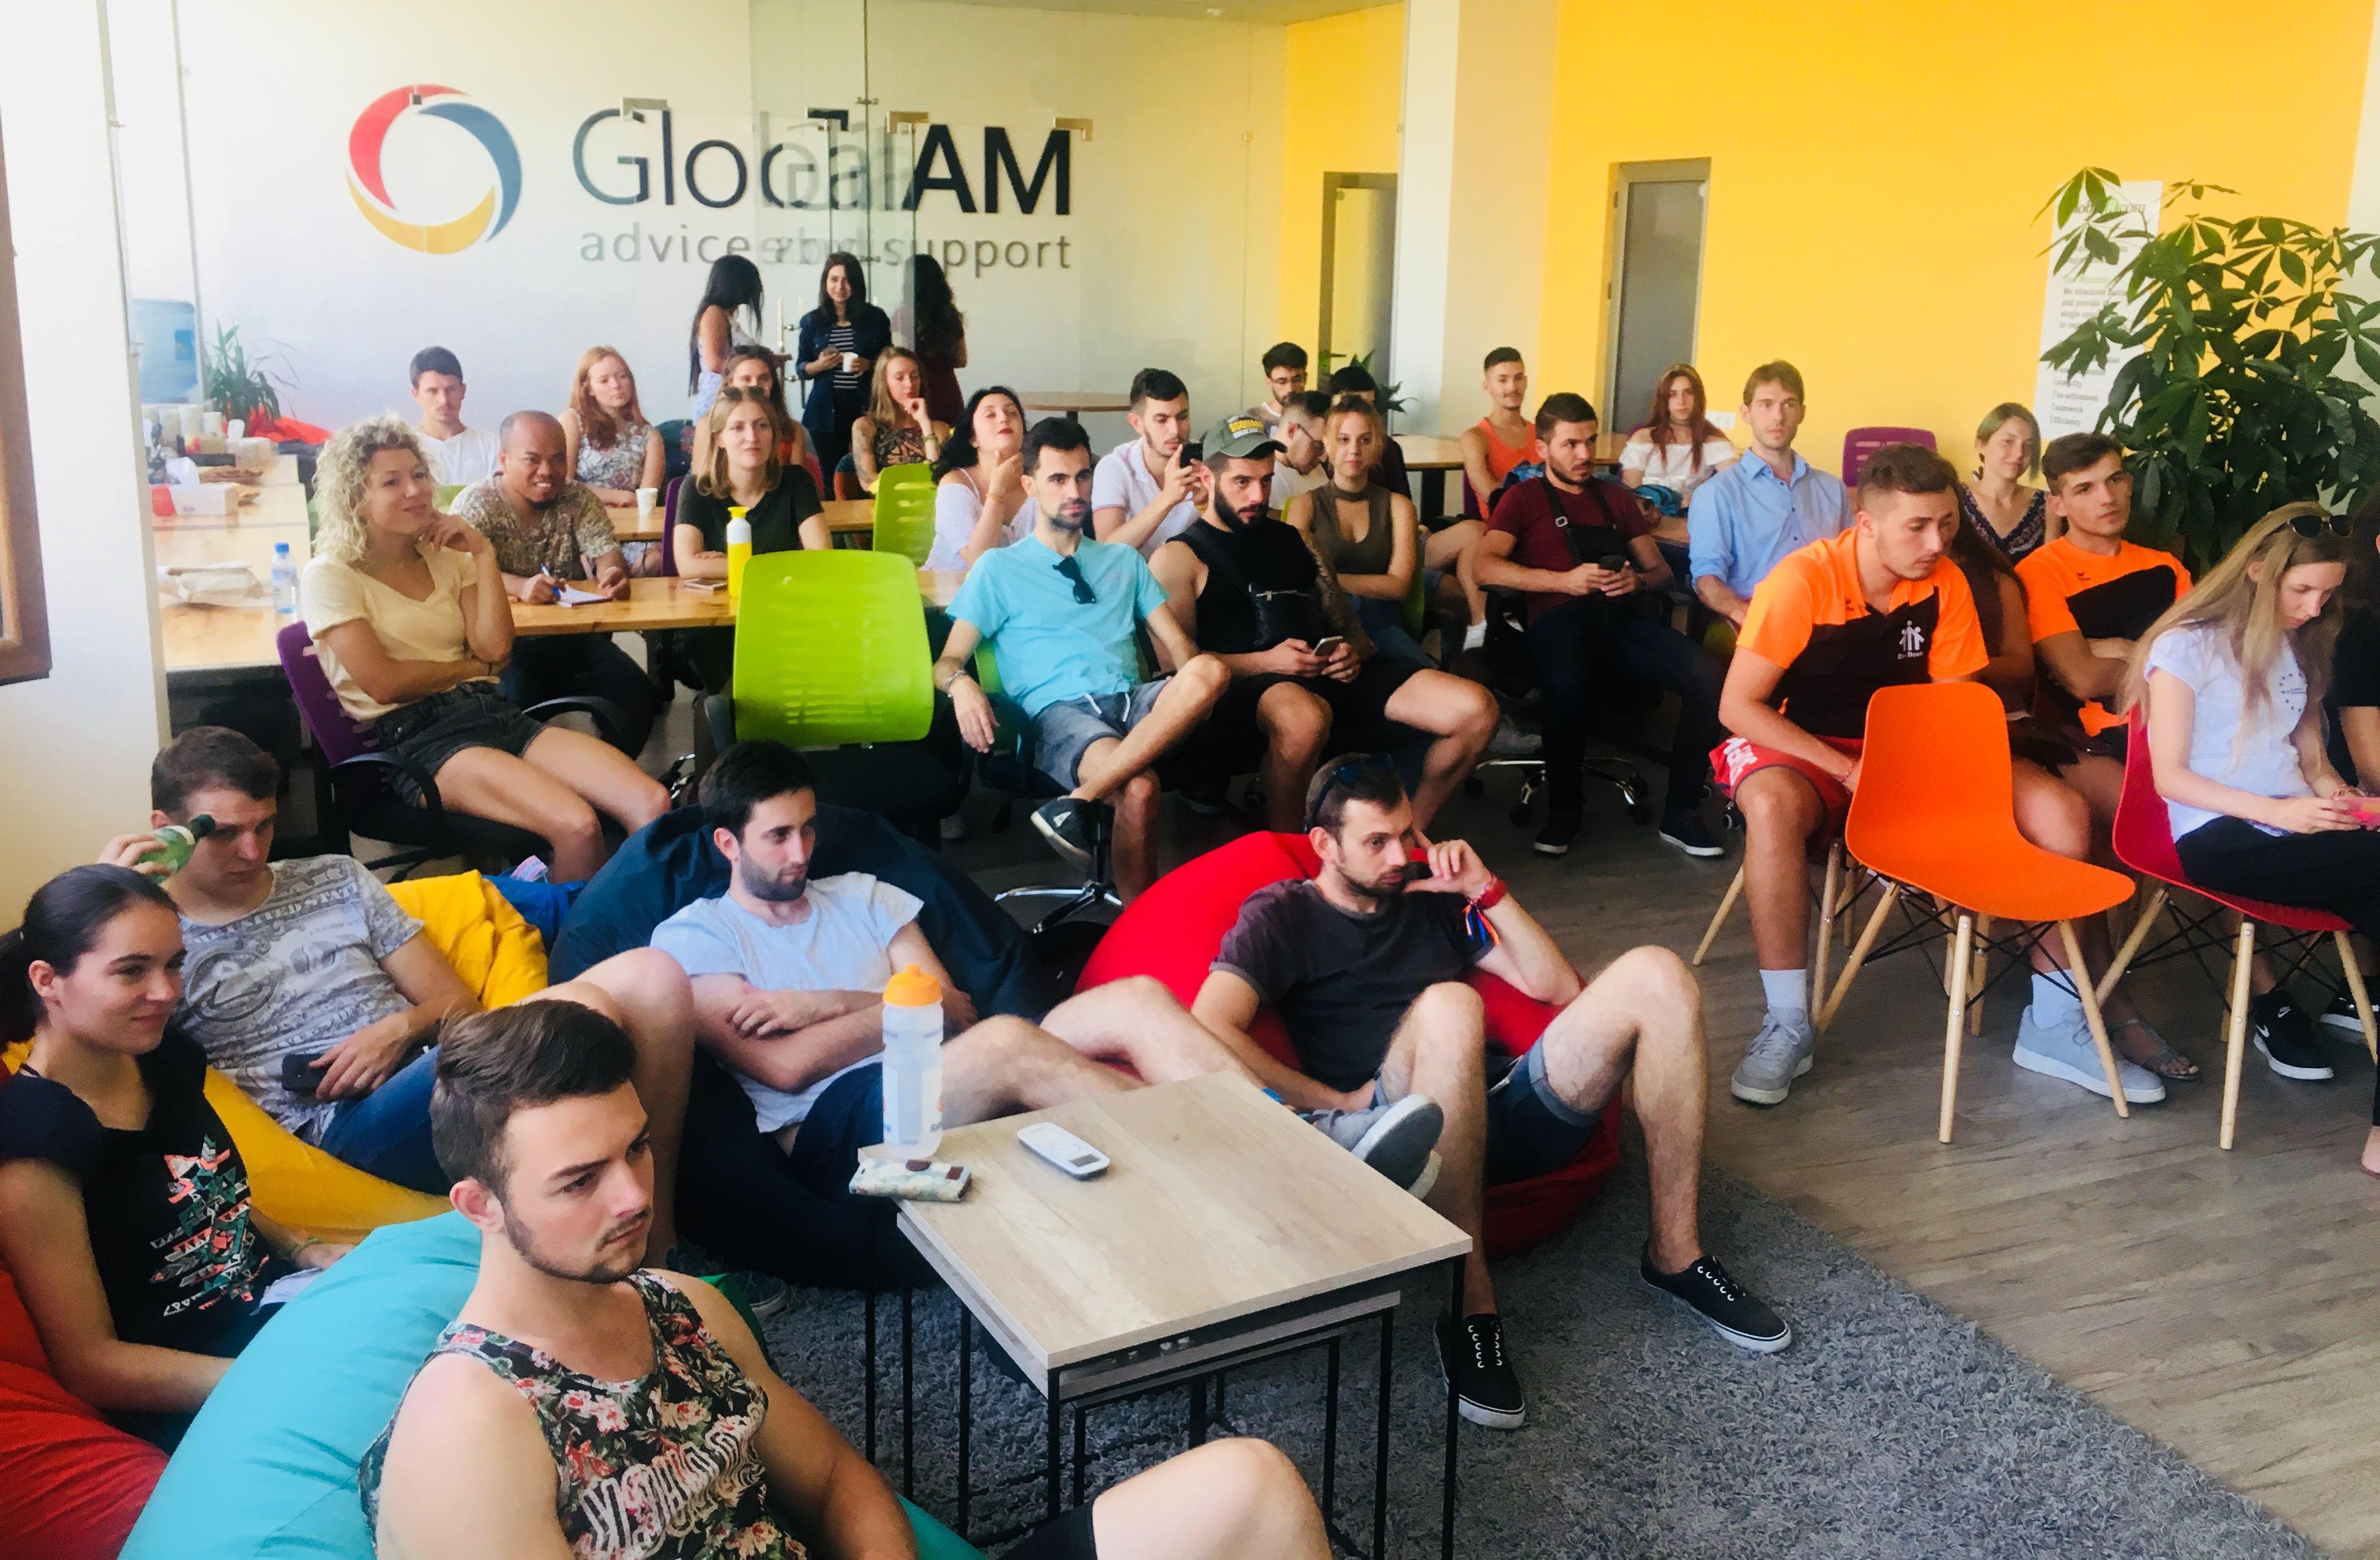 36 եվրոպացի ստարտափեր այցելել է GlobalAM-ի գրասենյակ